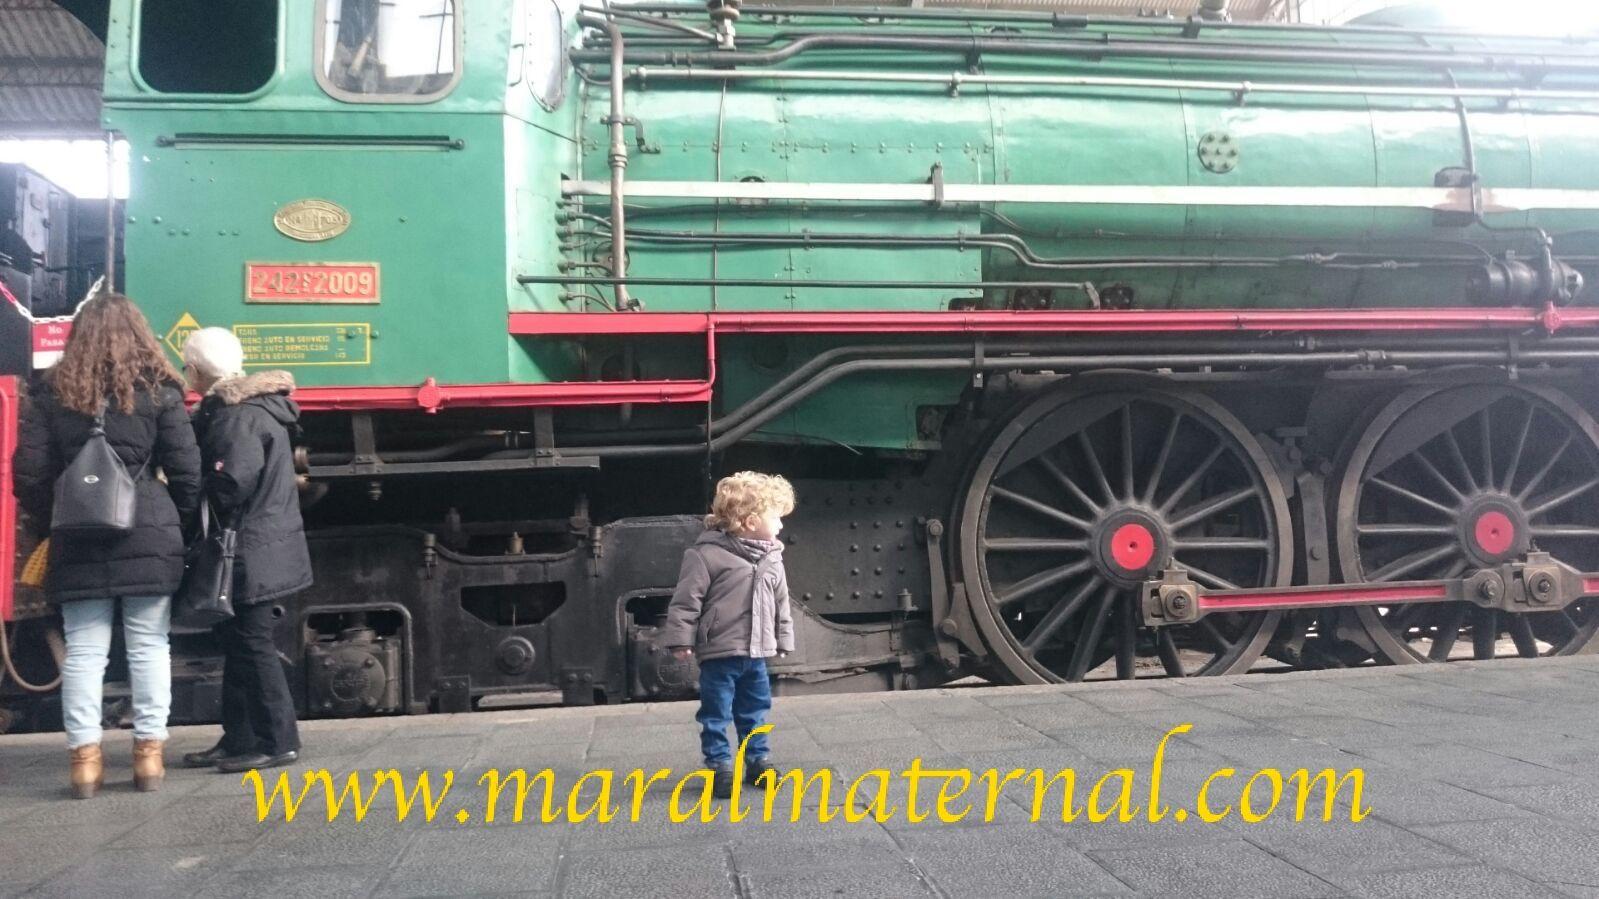 Museo del ferrocarril planes con ninos en madrid ocio en familia